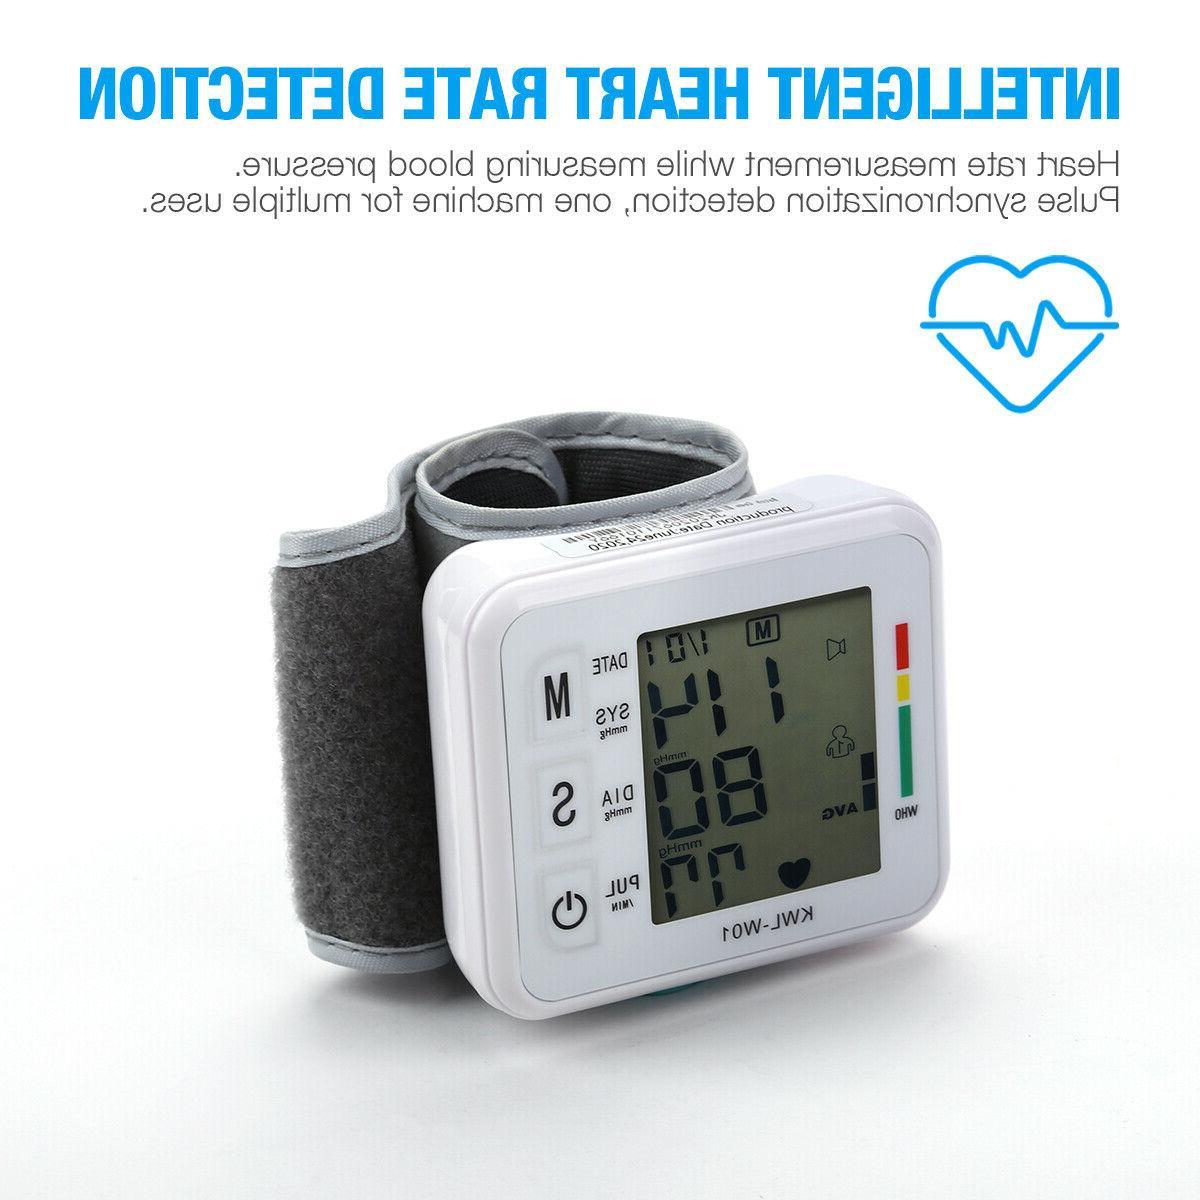 Automatic Digital Pressure Monitor Cuff Machine Home